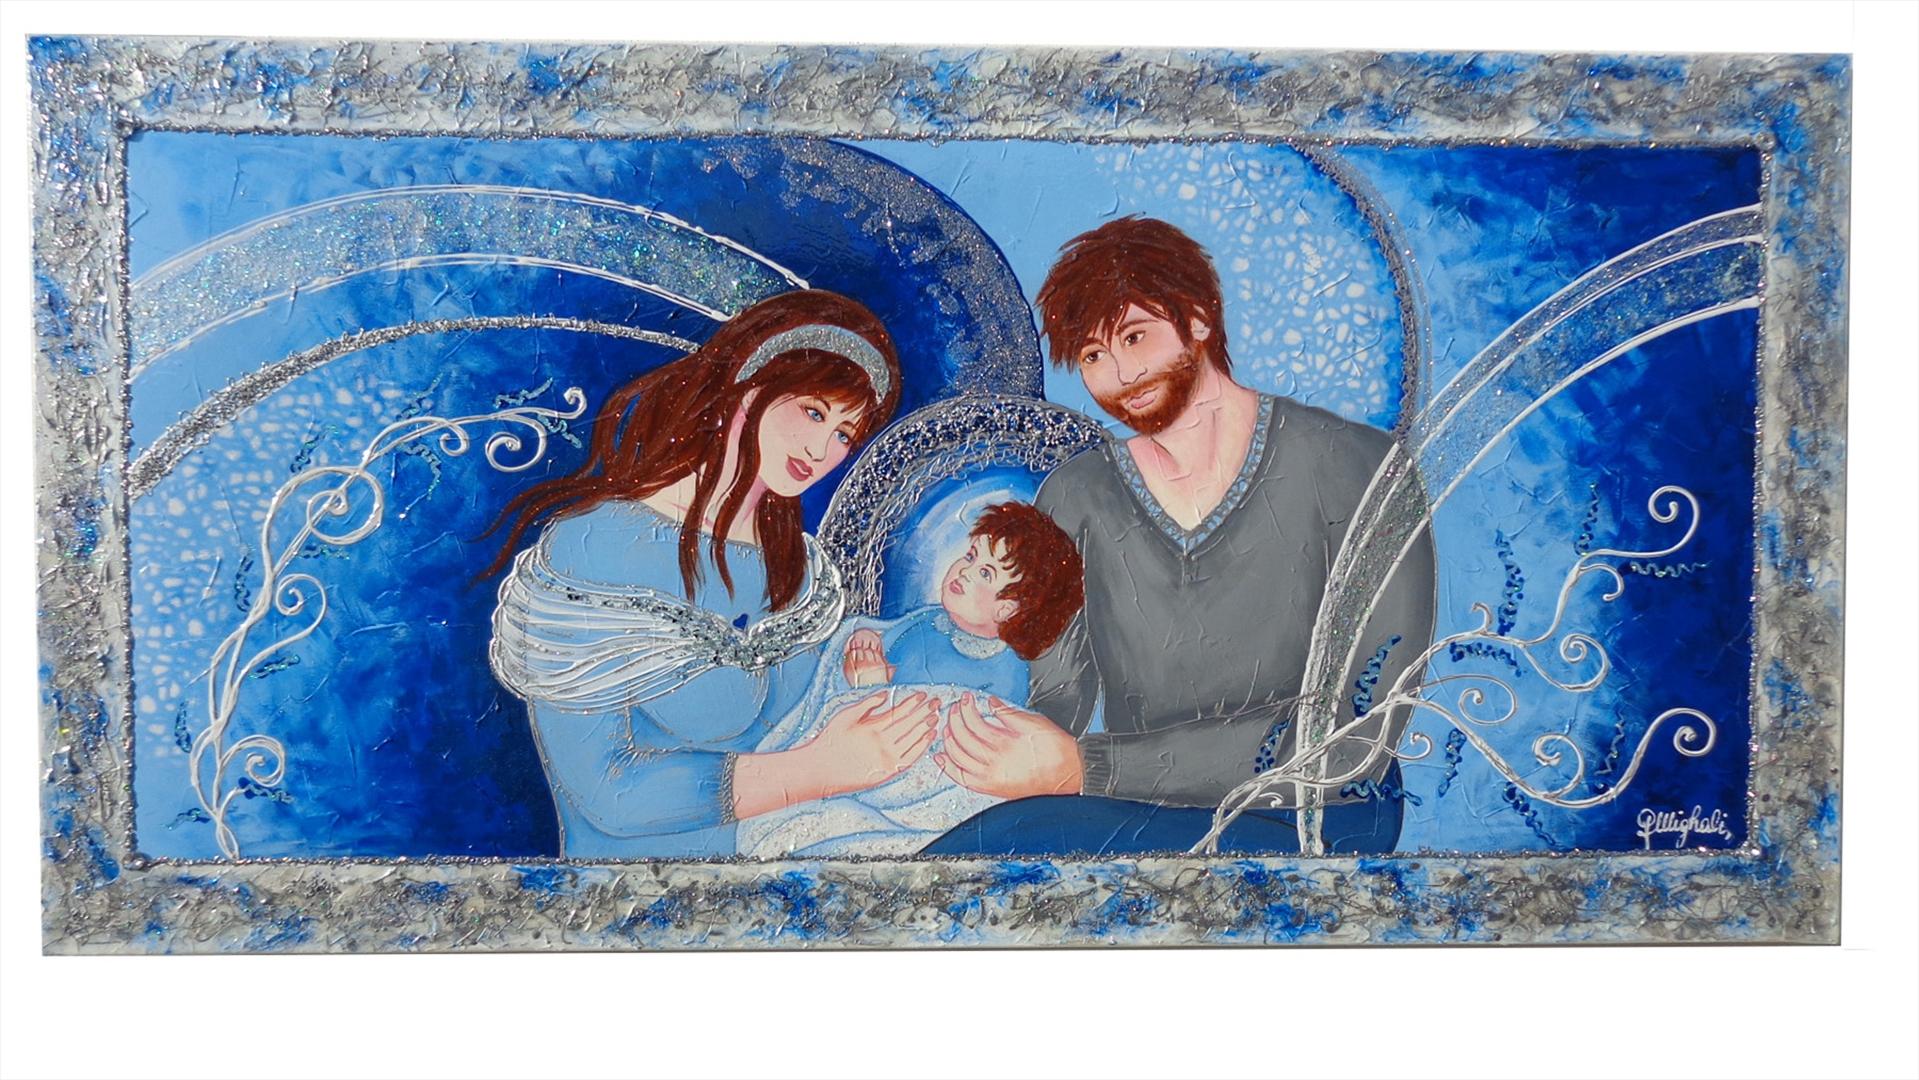 Quadri moderni sacra famigliai amazon la scelta giusta - Quadri sacri per camera da letto ...